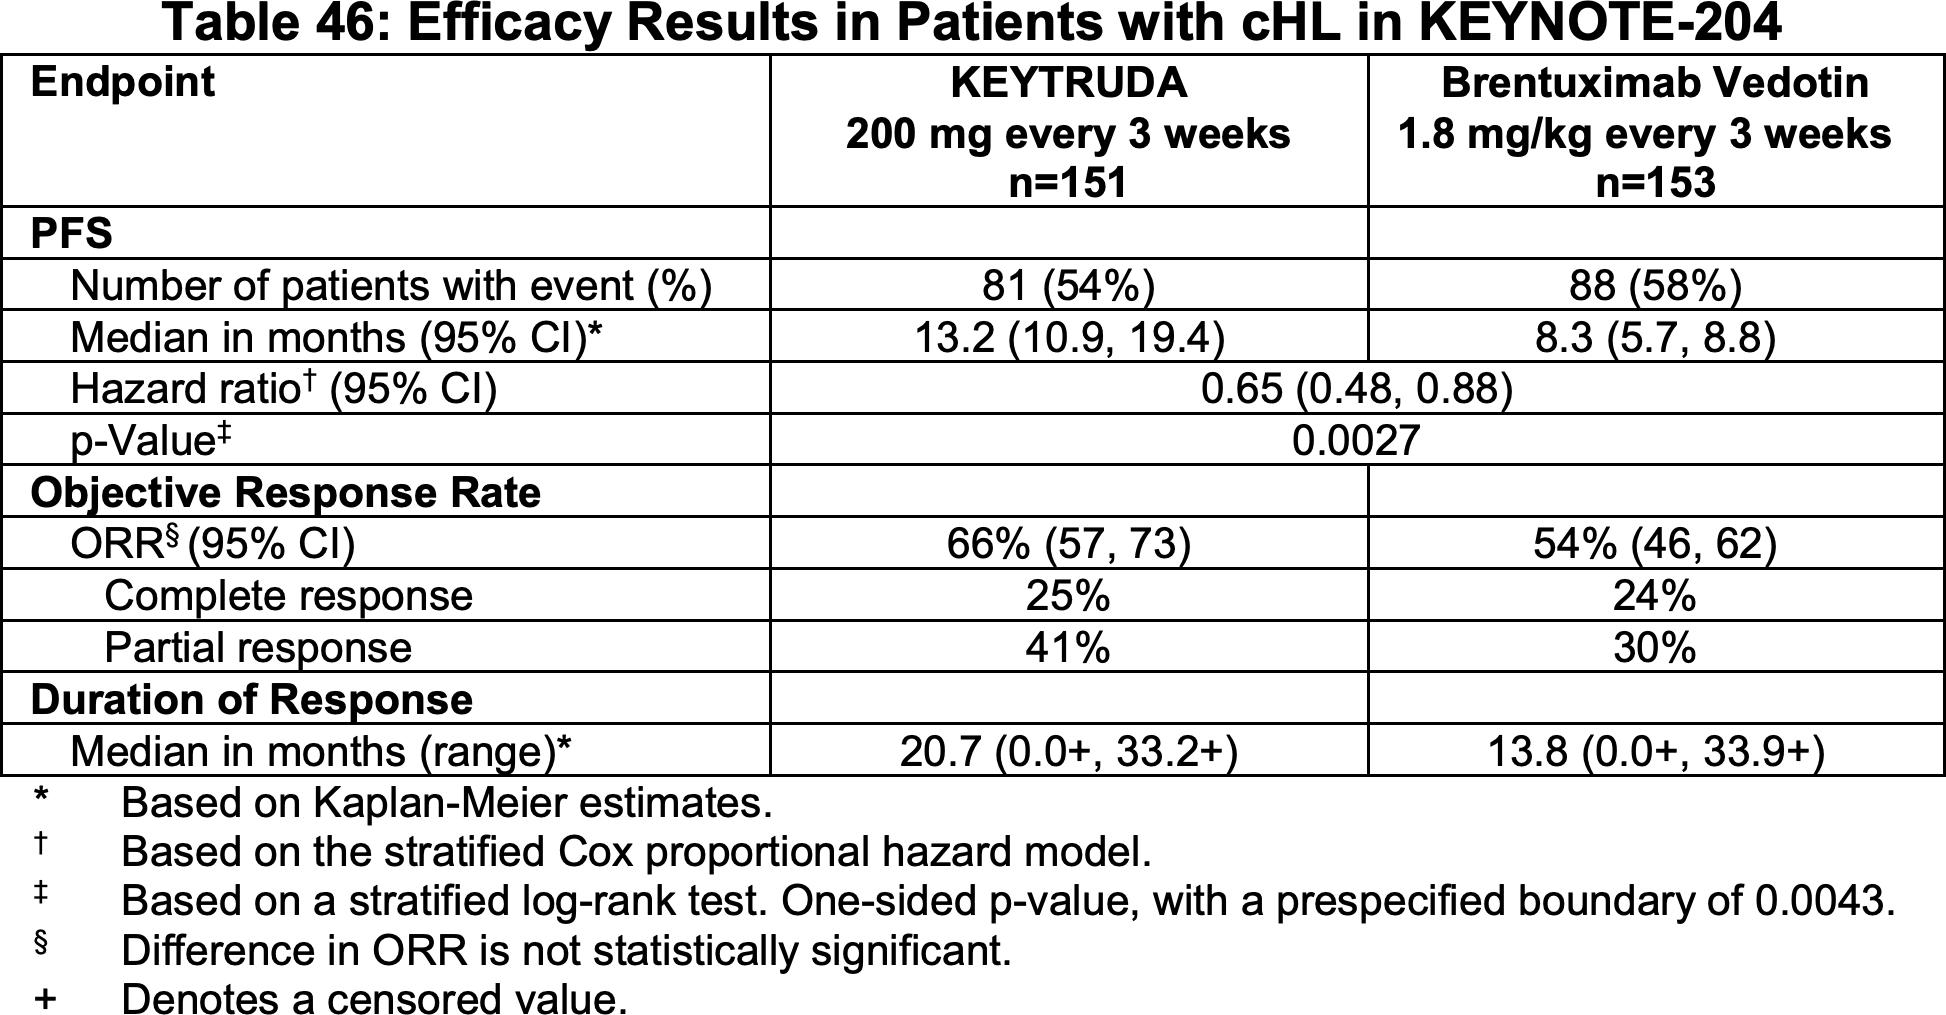 nct02684292 results 01 - «Китруда»: успешное лечение запущенной классической лимфомы Ходжкина